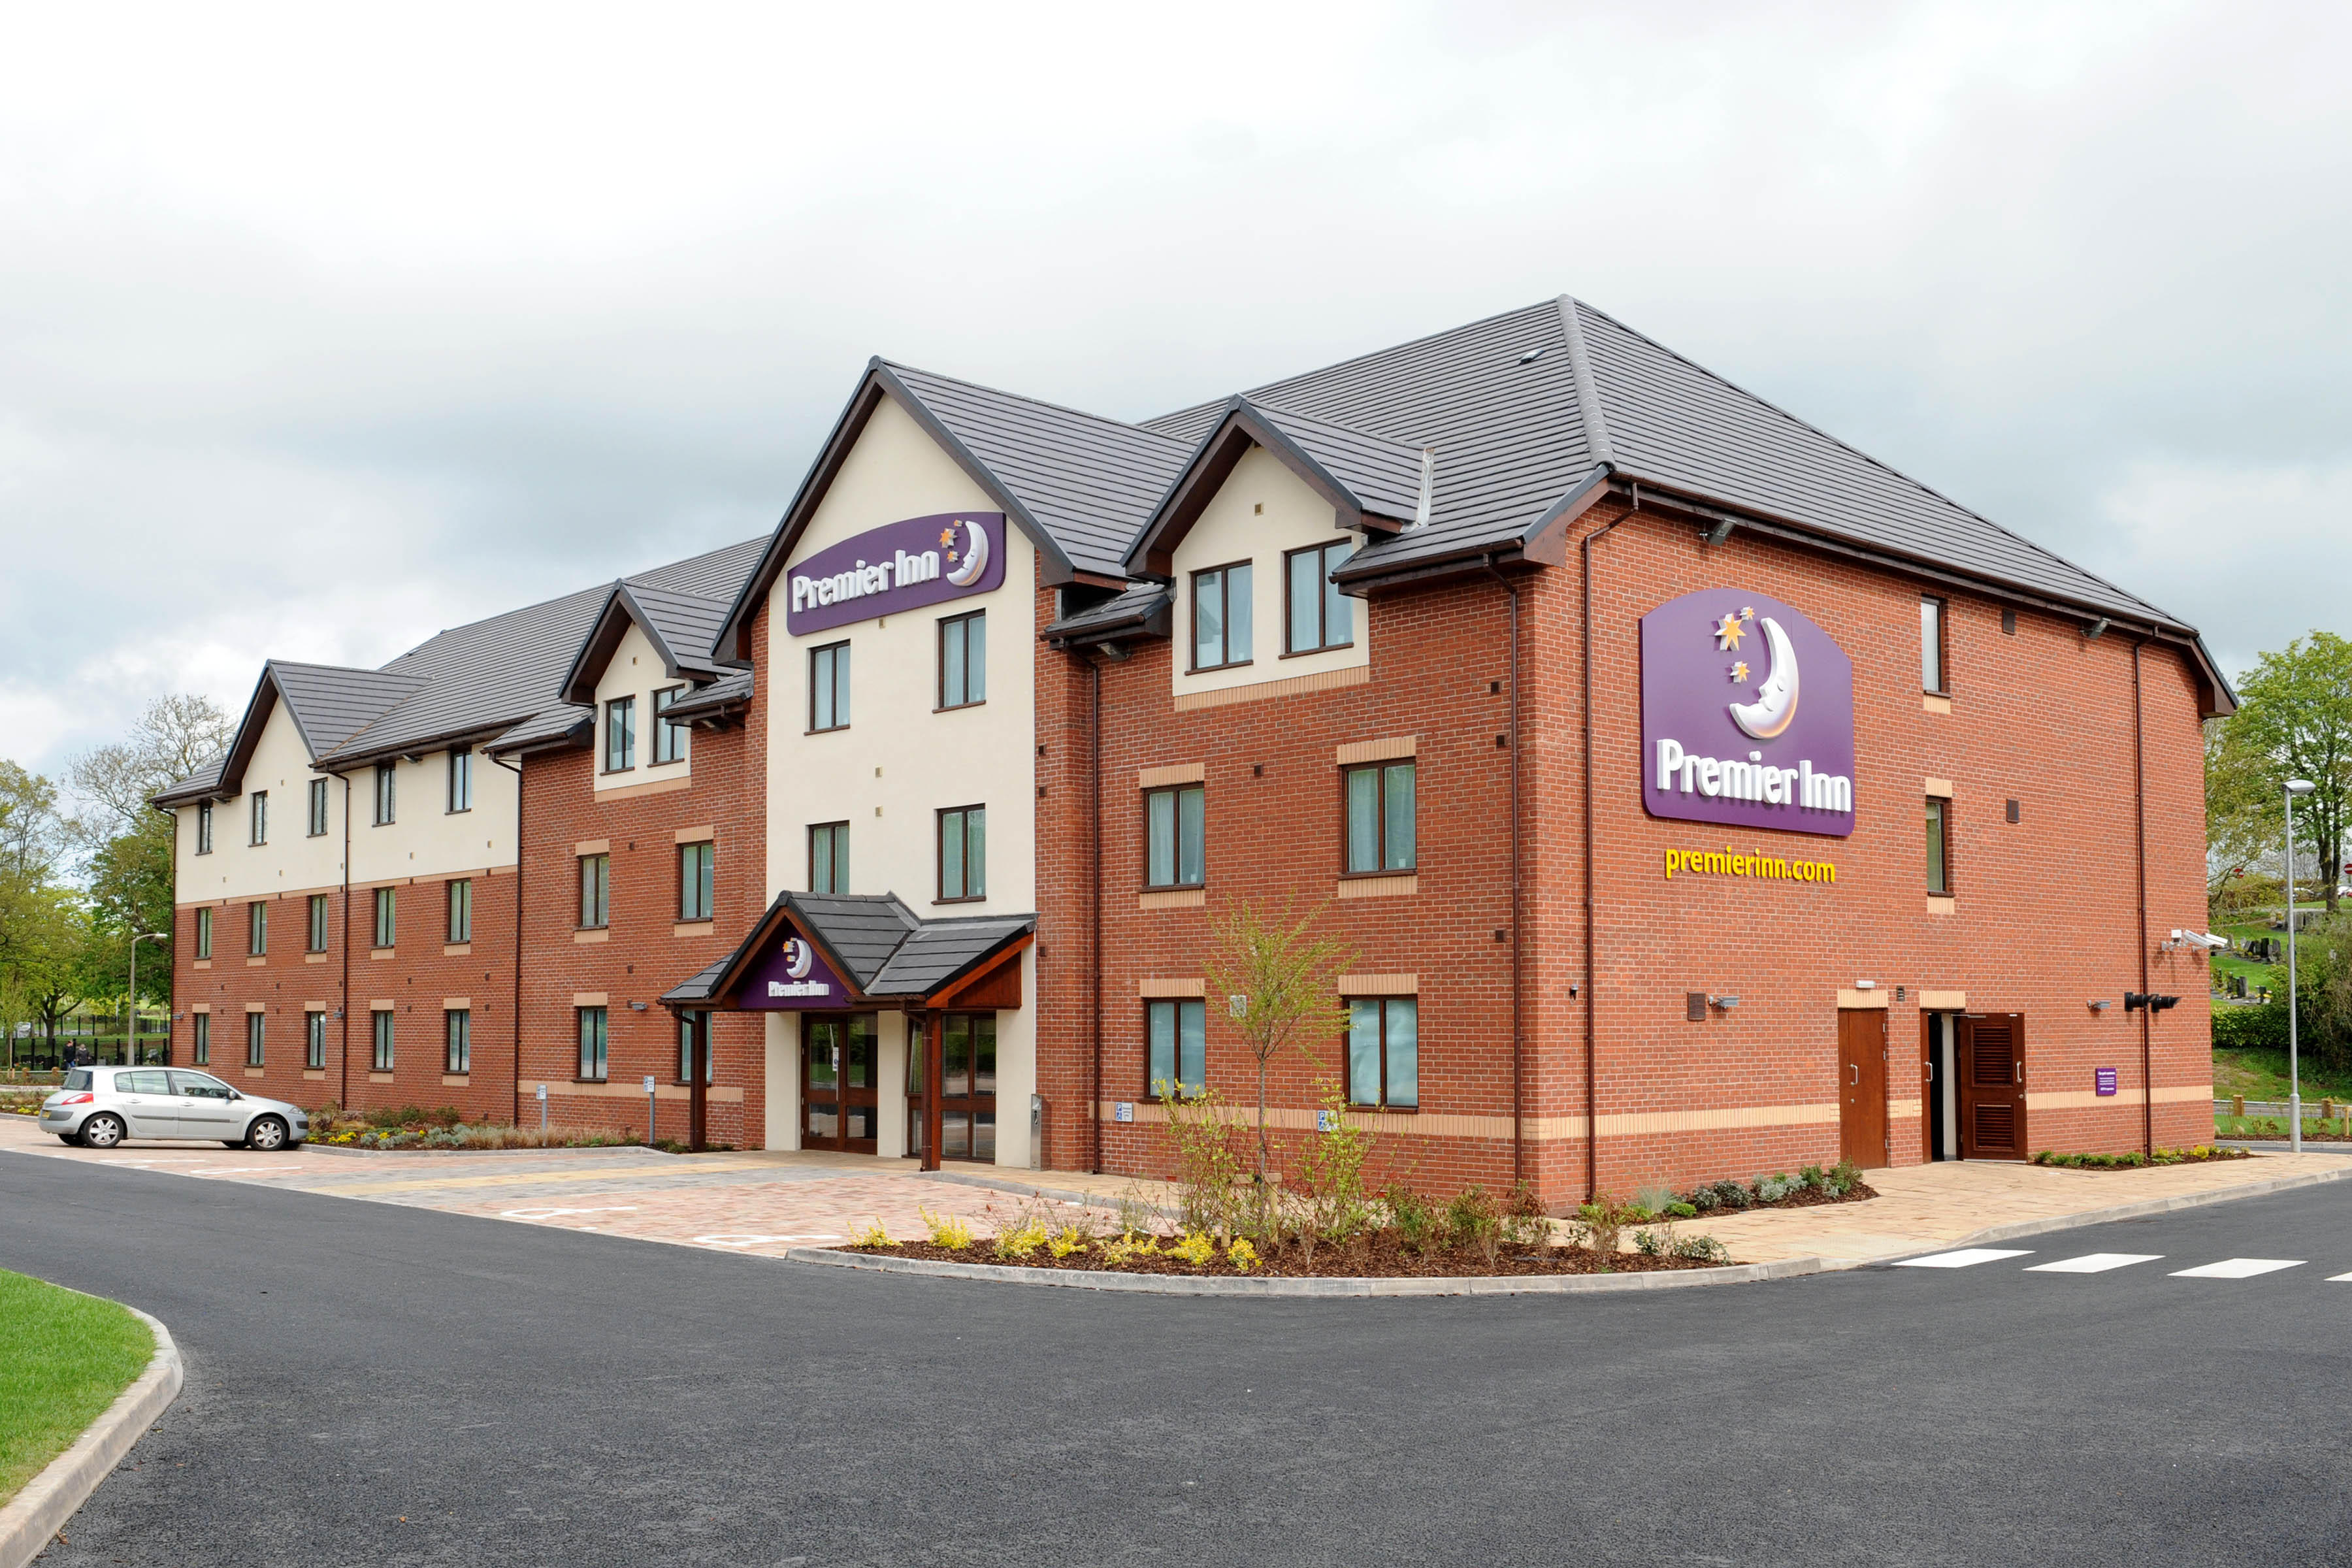 Premier Inn Redditch North (A441) hotel